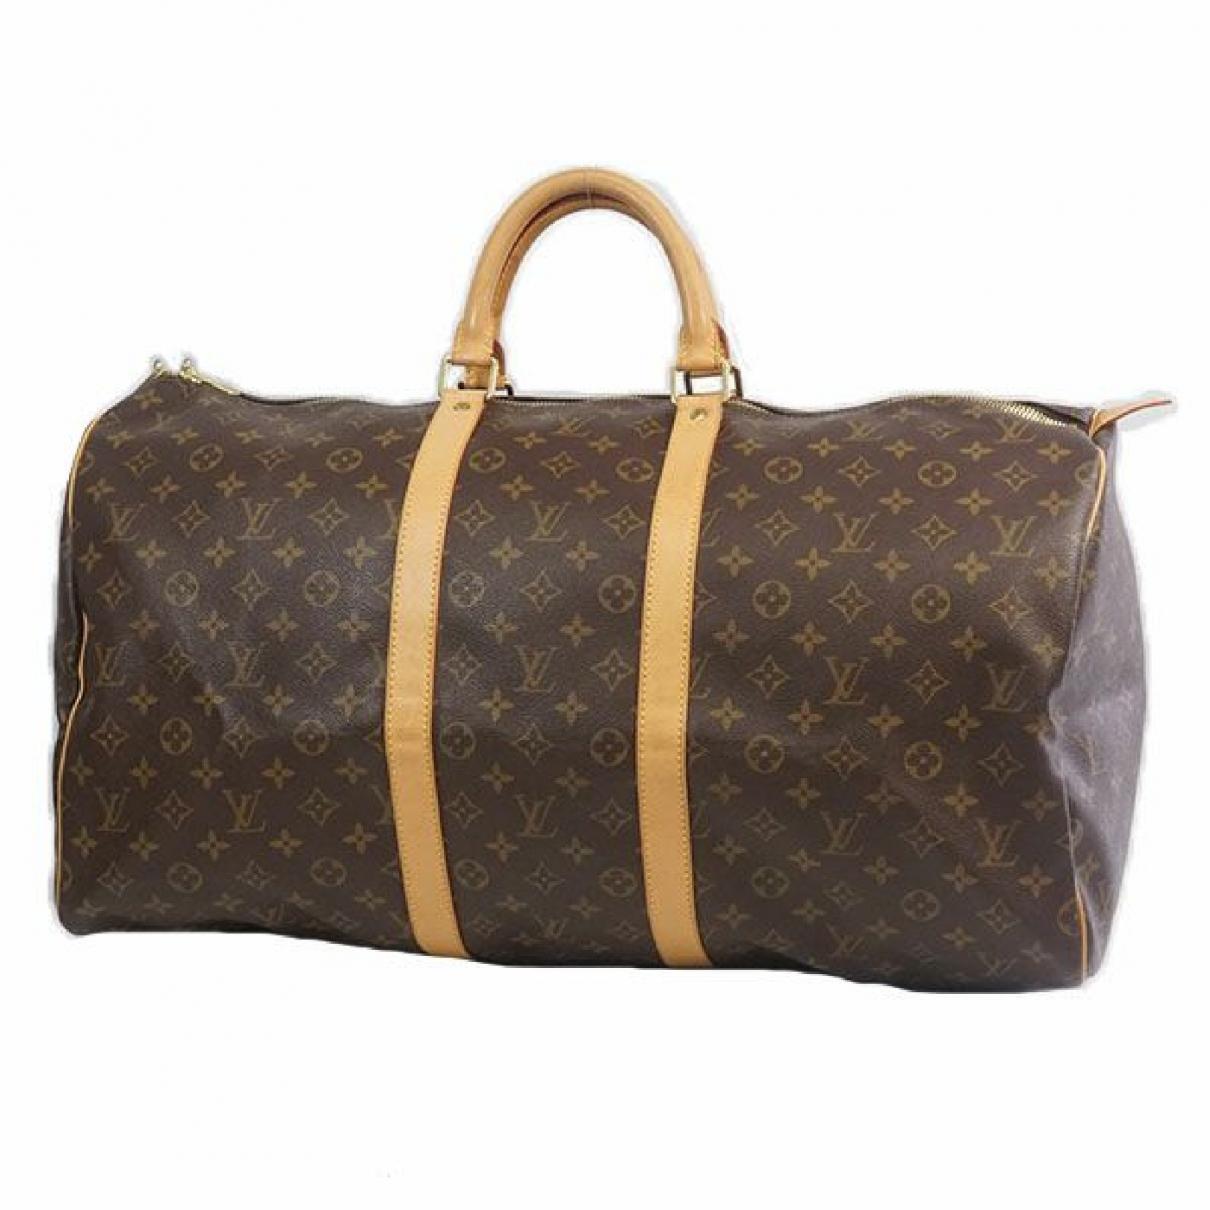 Louis Vuitton - Sac de voyage   pour femme en toile